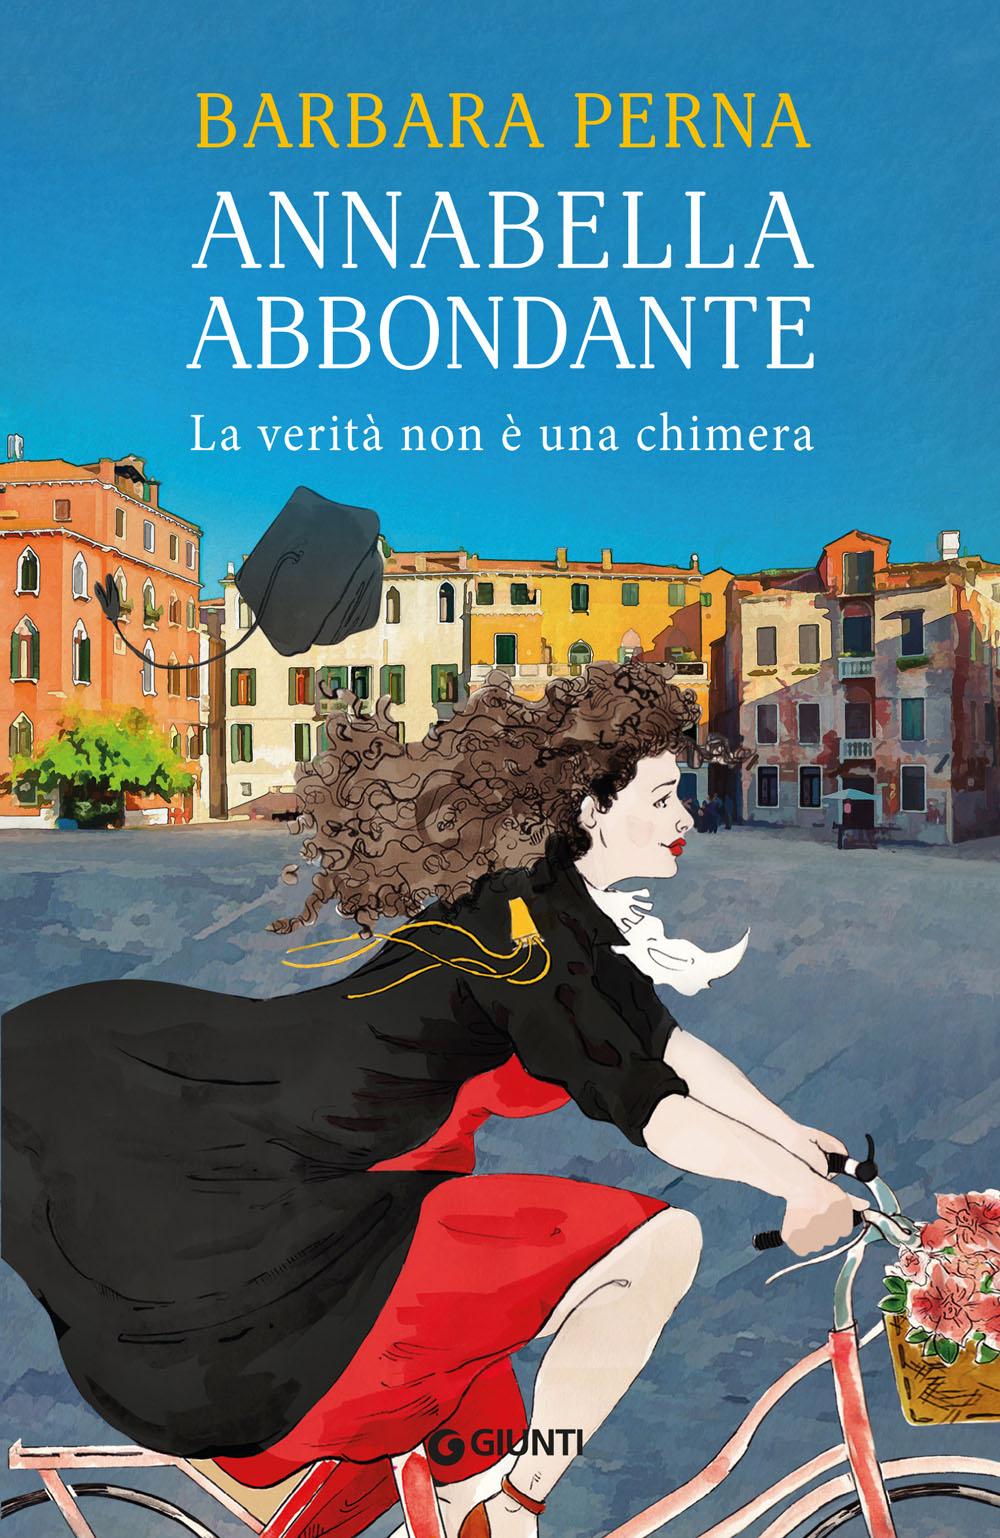 Annabella Abbondante